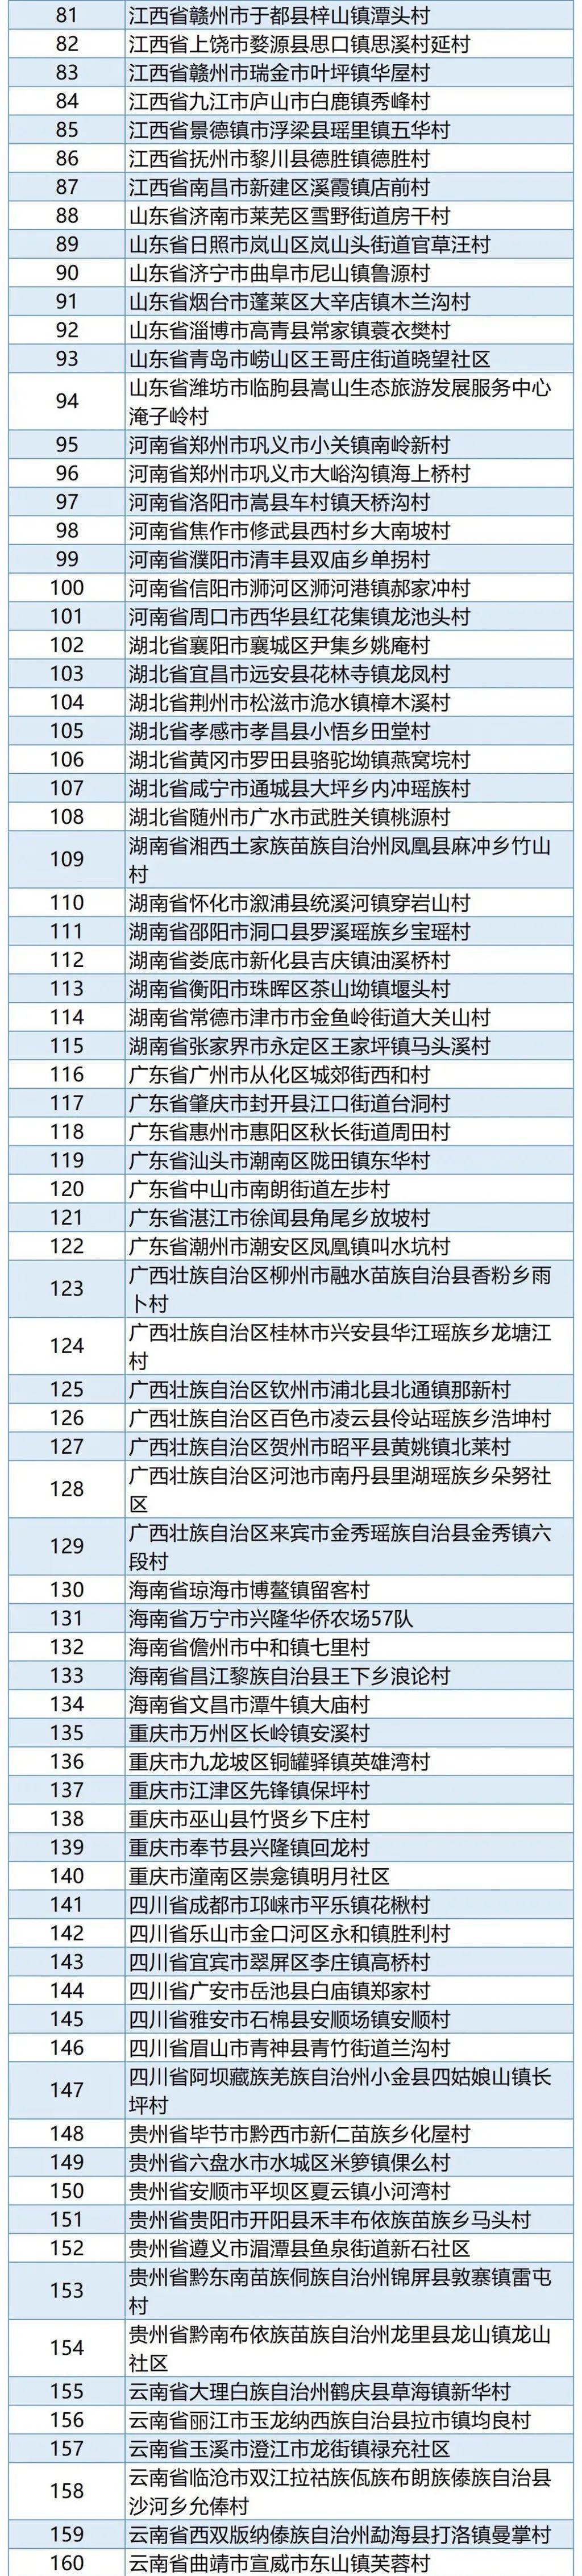 河南多地入选全国重点名单,有你家乡吗?